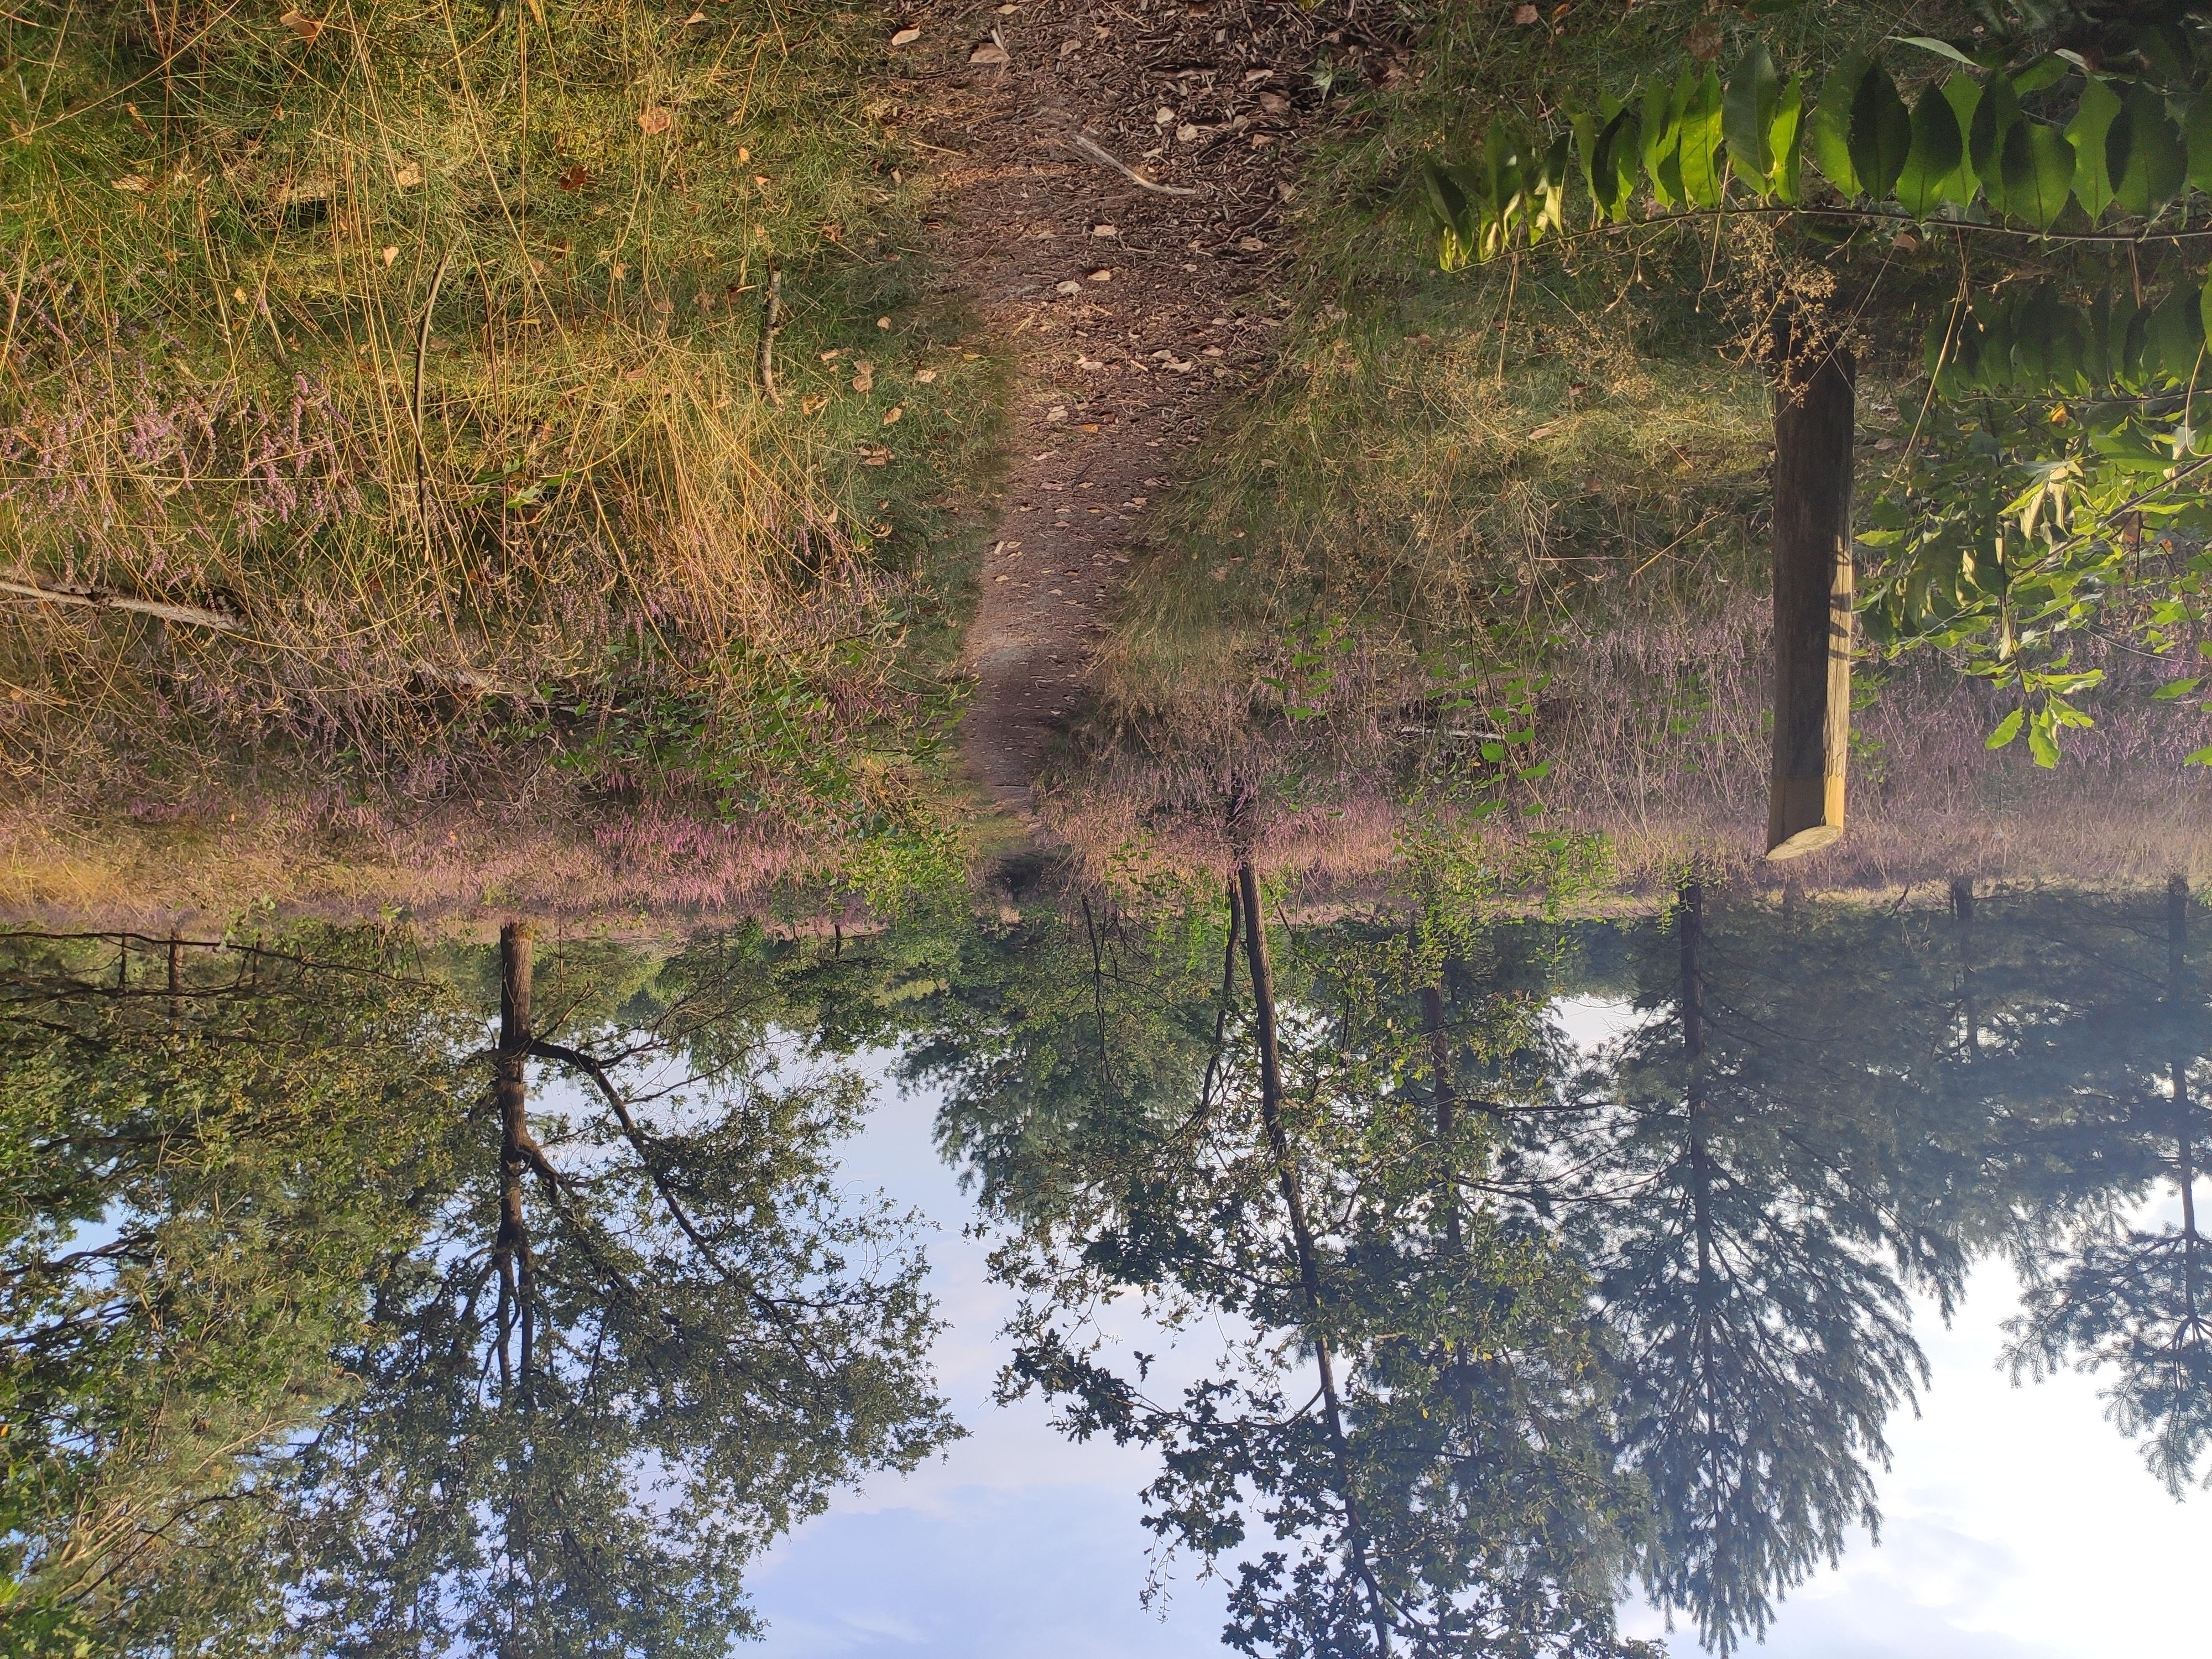 Reisverhaal op Reisreport: Verscholen in het glooiende landschap